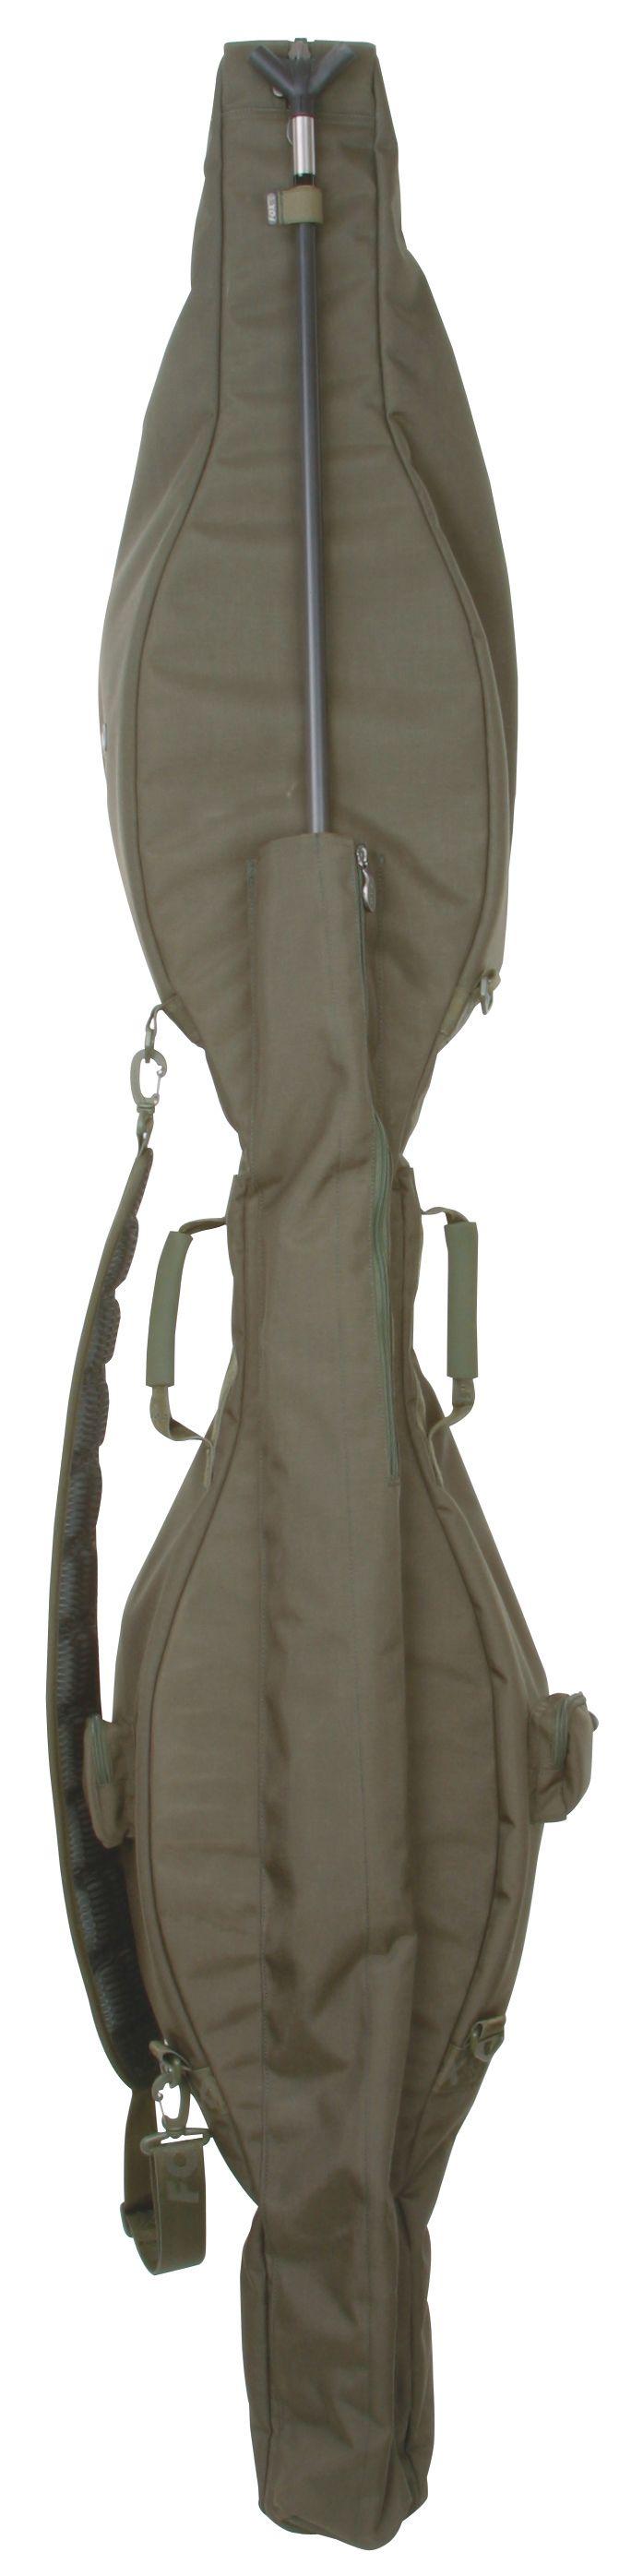 Sie bekommen für Ihr Geld die innovativste Angeltasche, die jemals entworfen wurde. Sie fasst fünf montierte Ruten und Rollen, drei stehend und zwei auf dem Kopf, sowie Ihre Banksticks,...